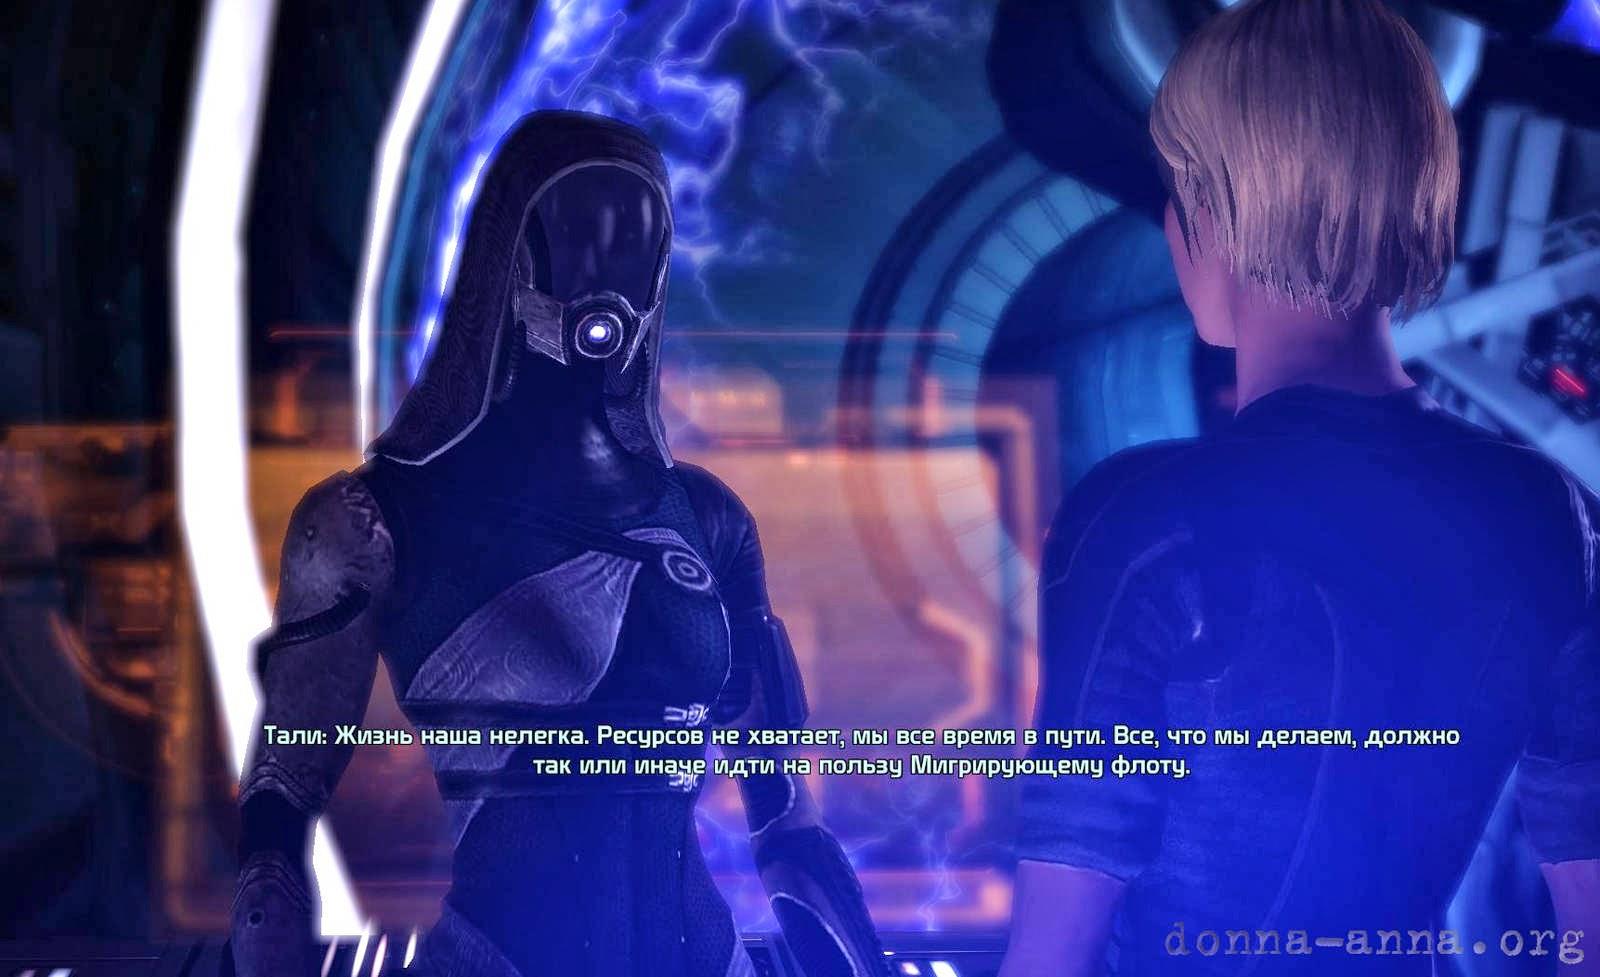 Тали Зора на скриншоте из Mass Effect